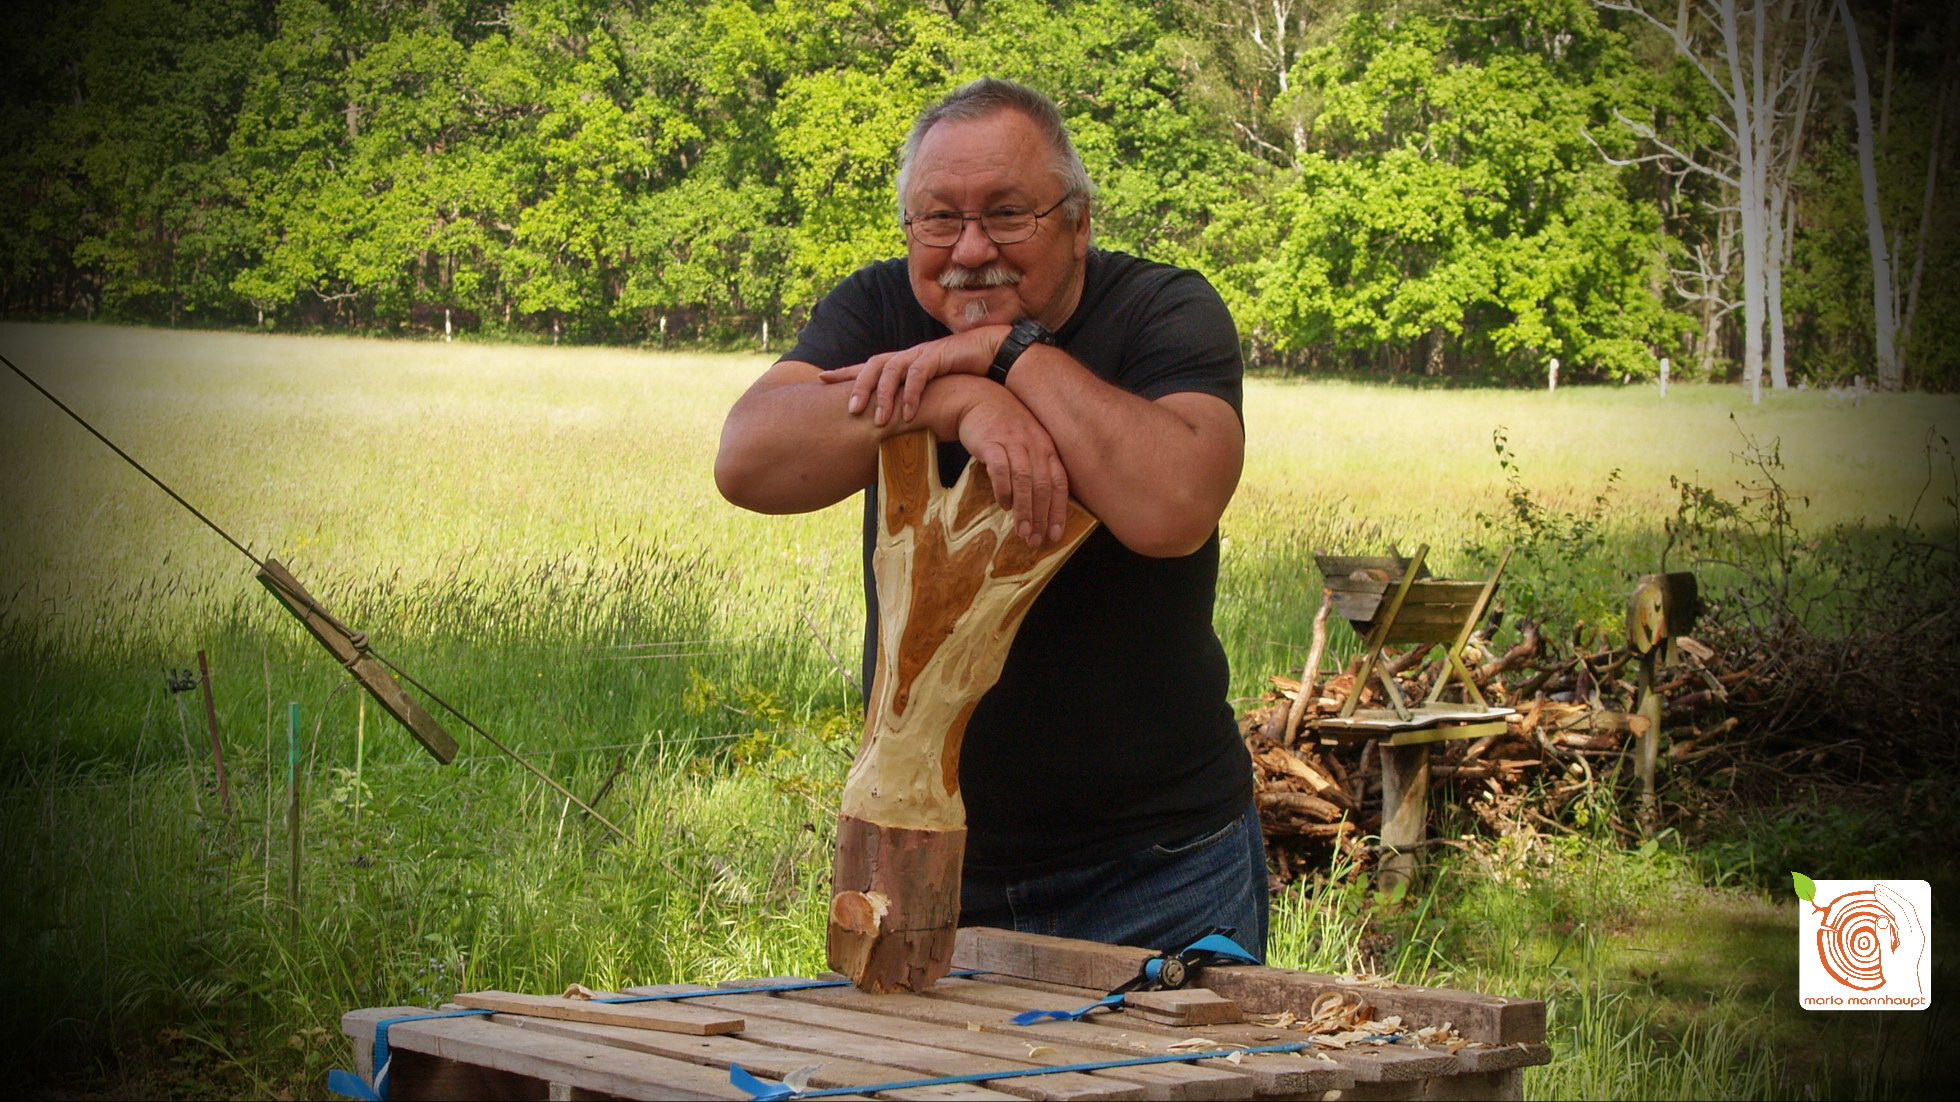 Erlebe deinen Workshop - kreativ mit Holz!